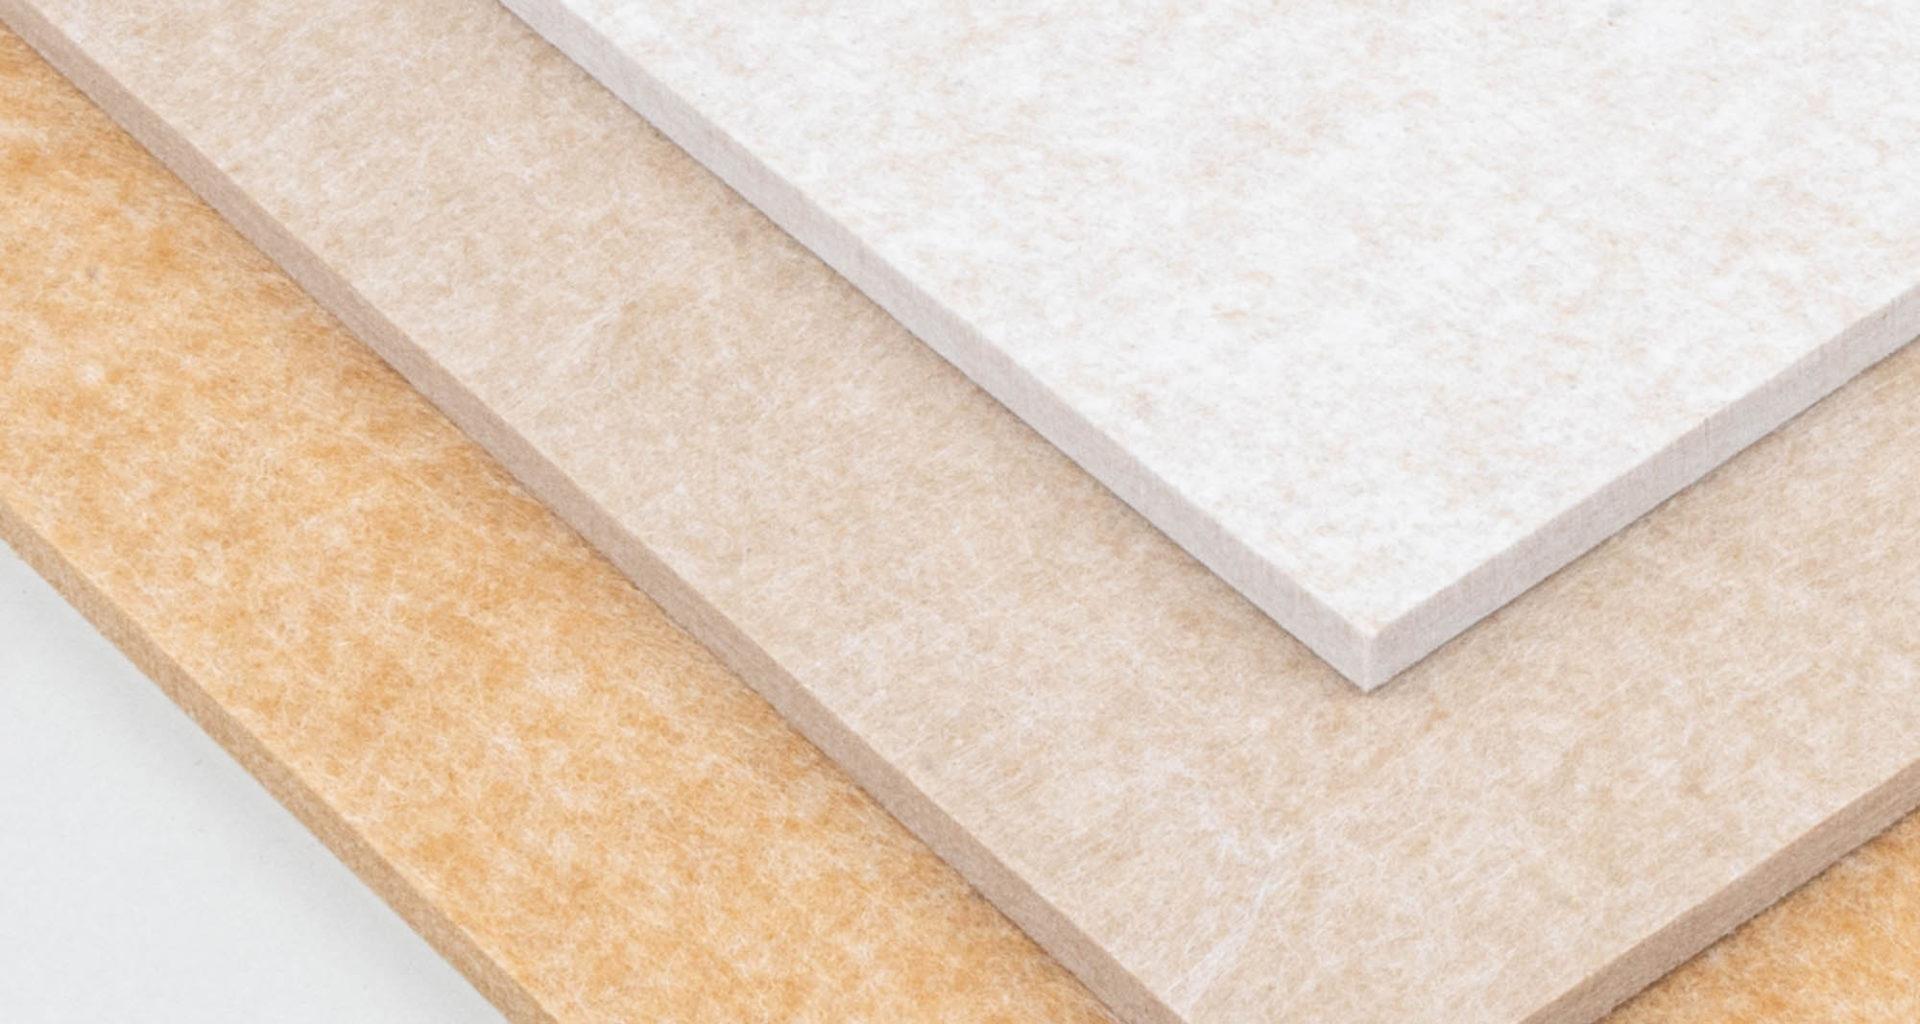 ReFelt PET Felt Acoustic Tiles Detail